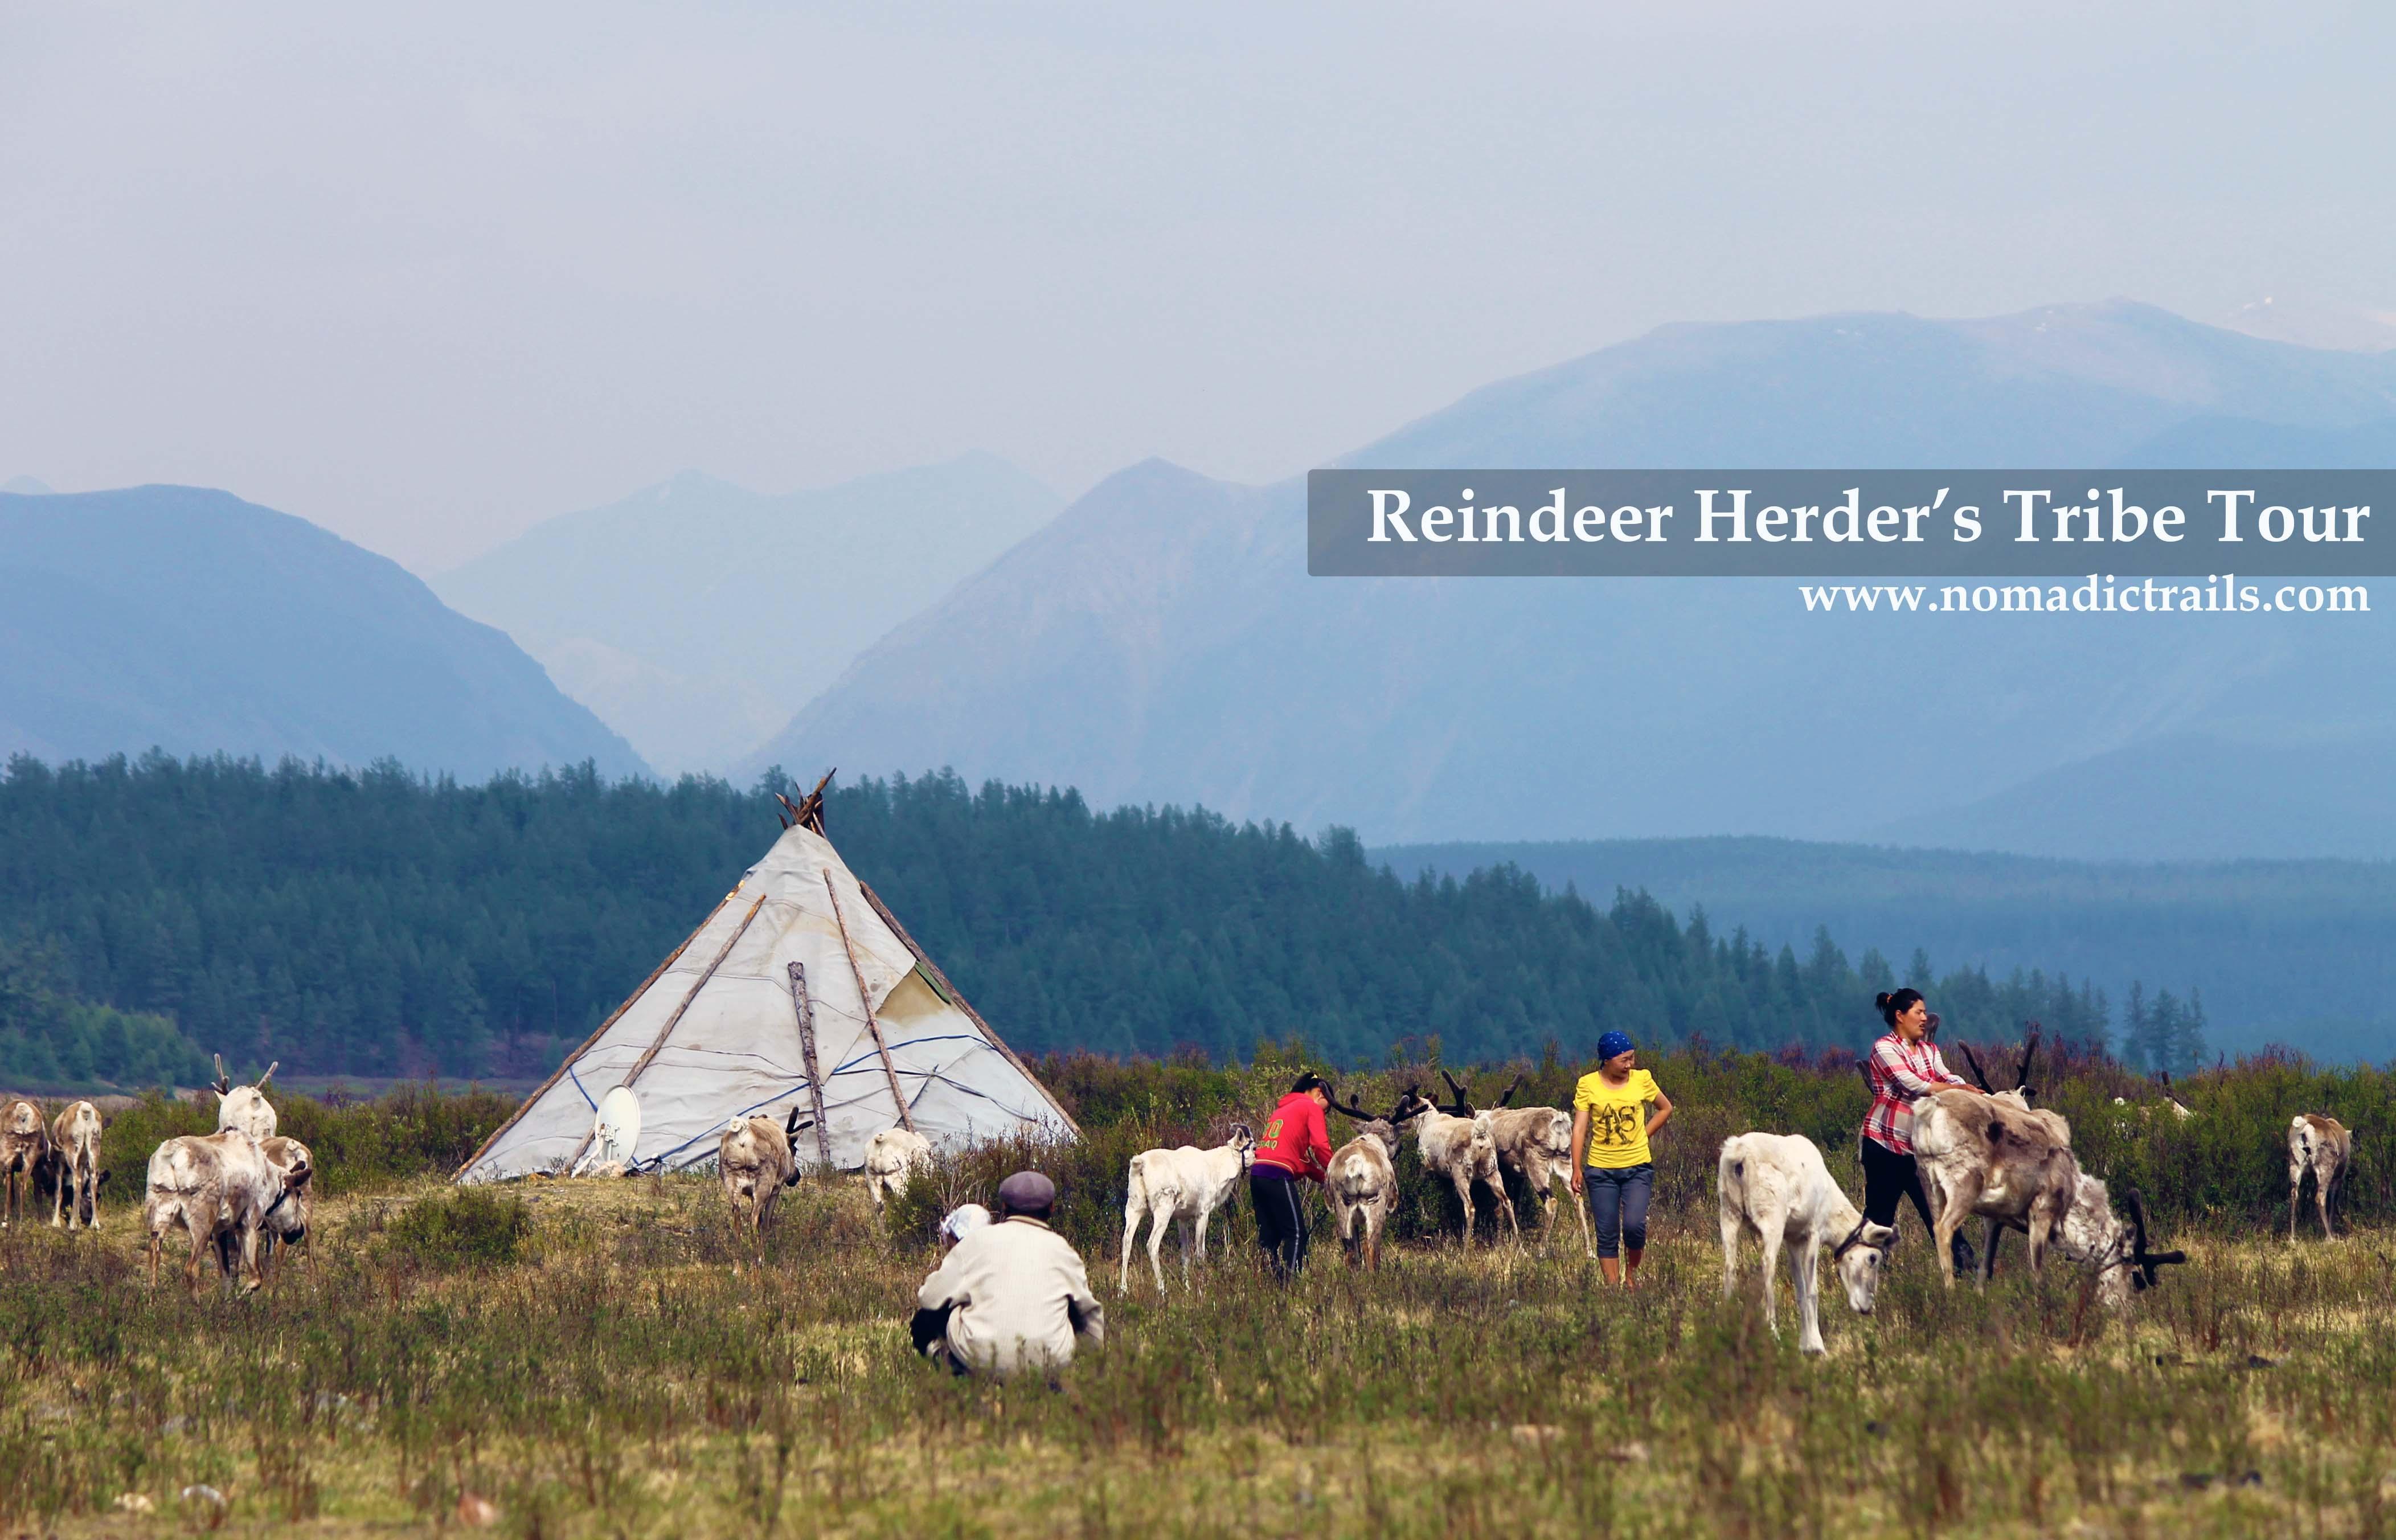 Reindeer Herder's Tour